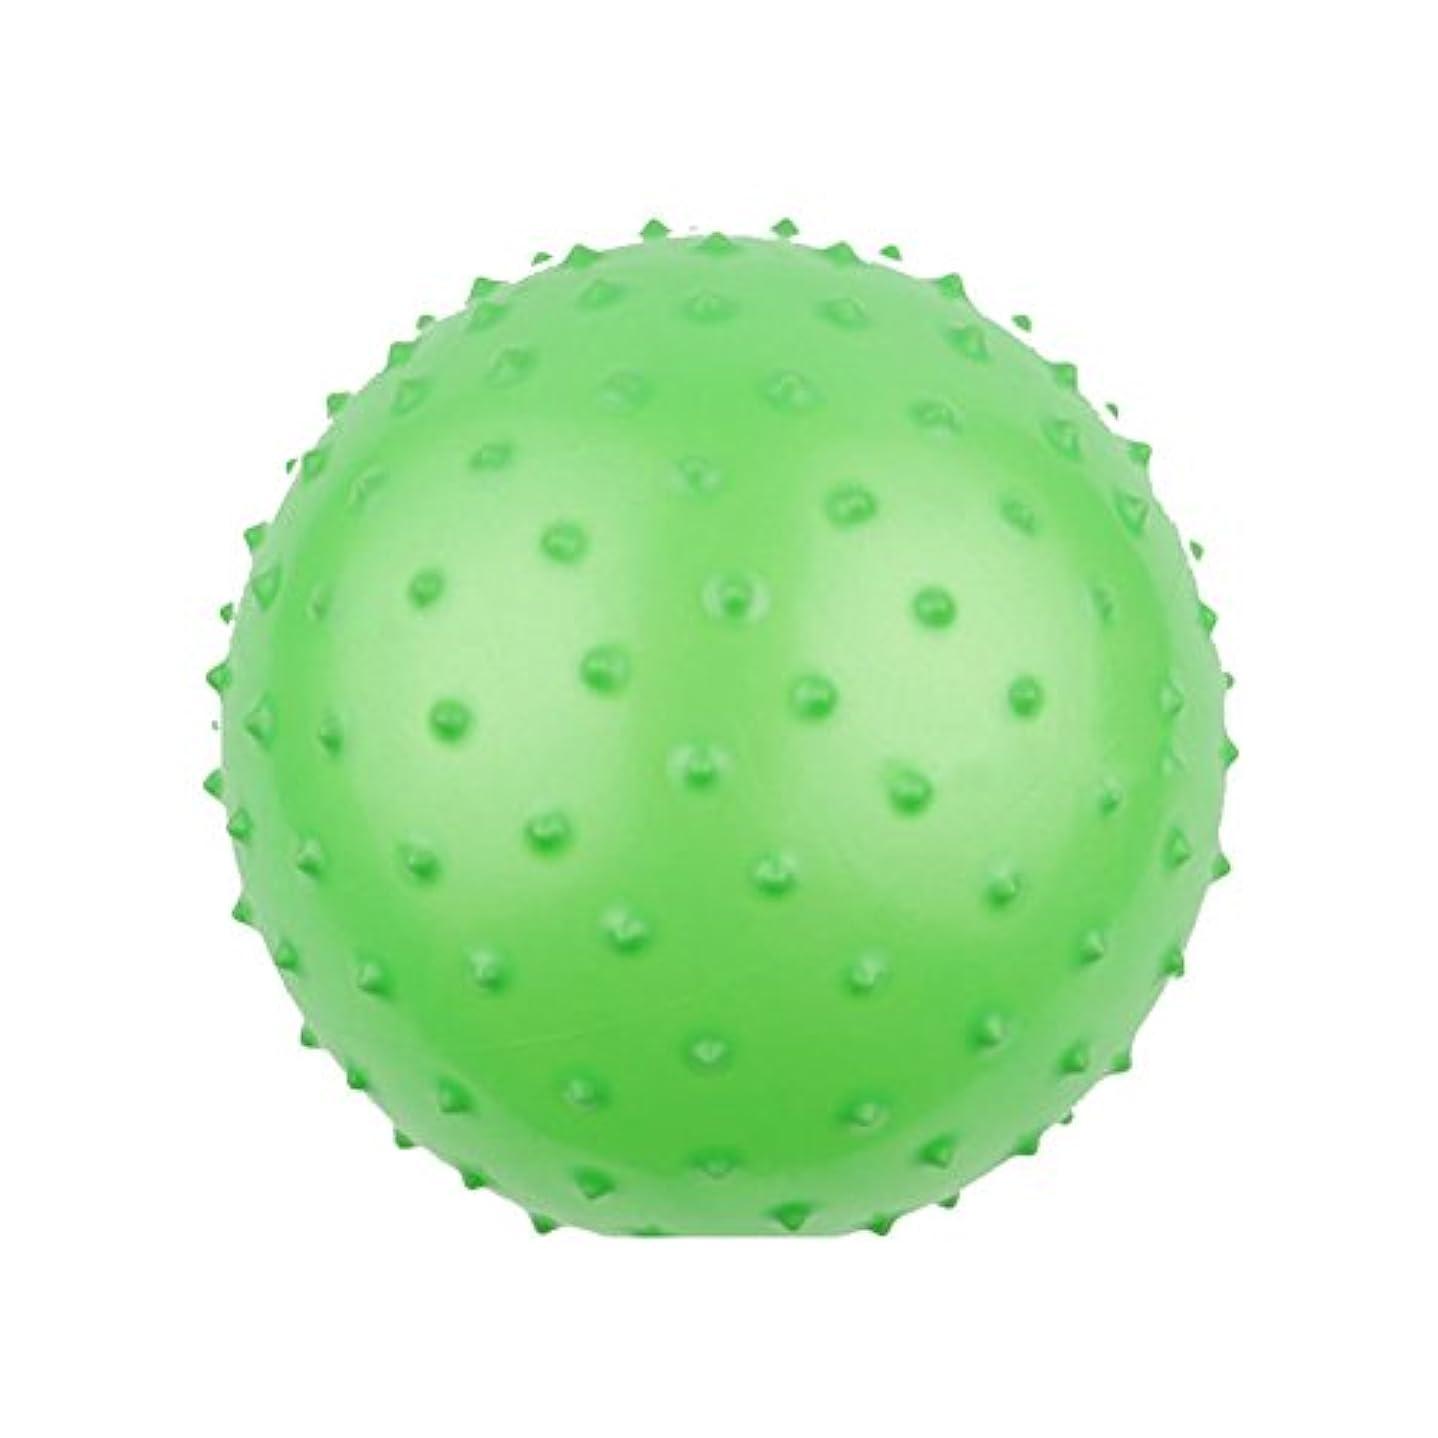 電気テレックスゆでるLiebeye 野球ボール 素敵な野球ボールマッサージボールキッズインフレータブルおもちゃのギフト装飾品(ランダムカラー) 28cmマッサージボール